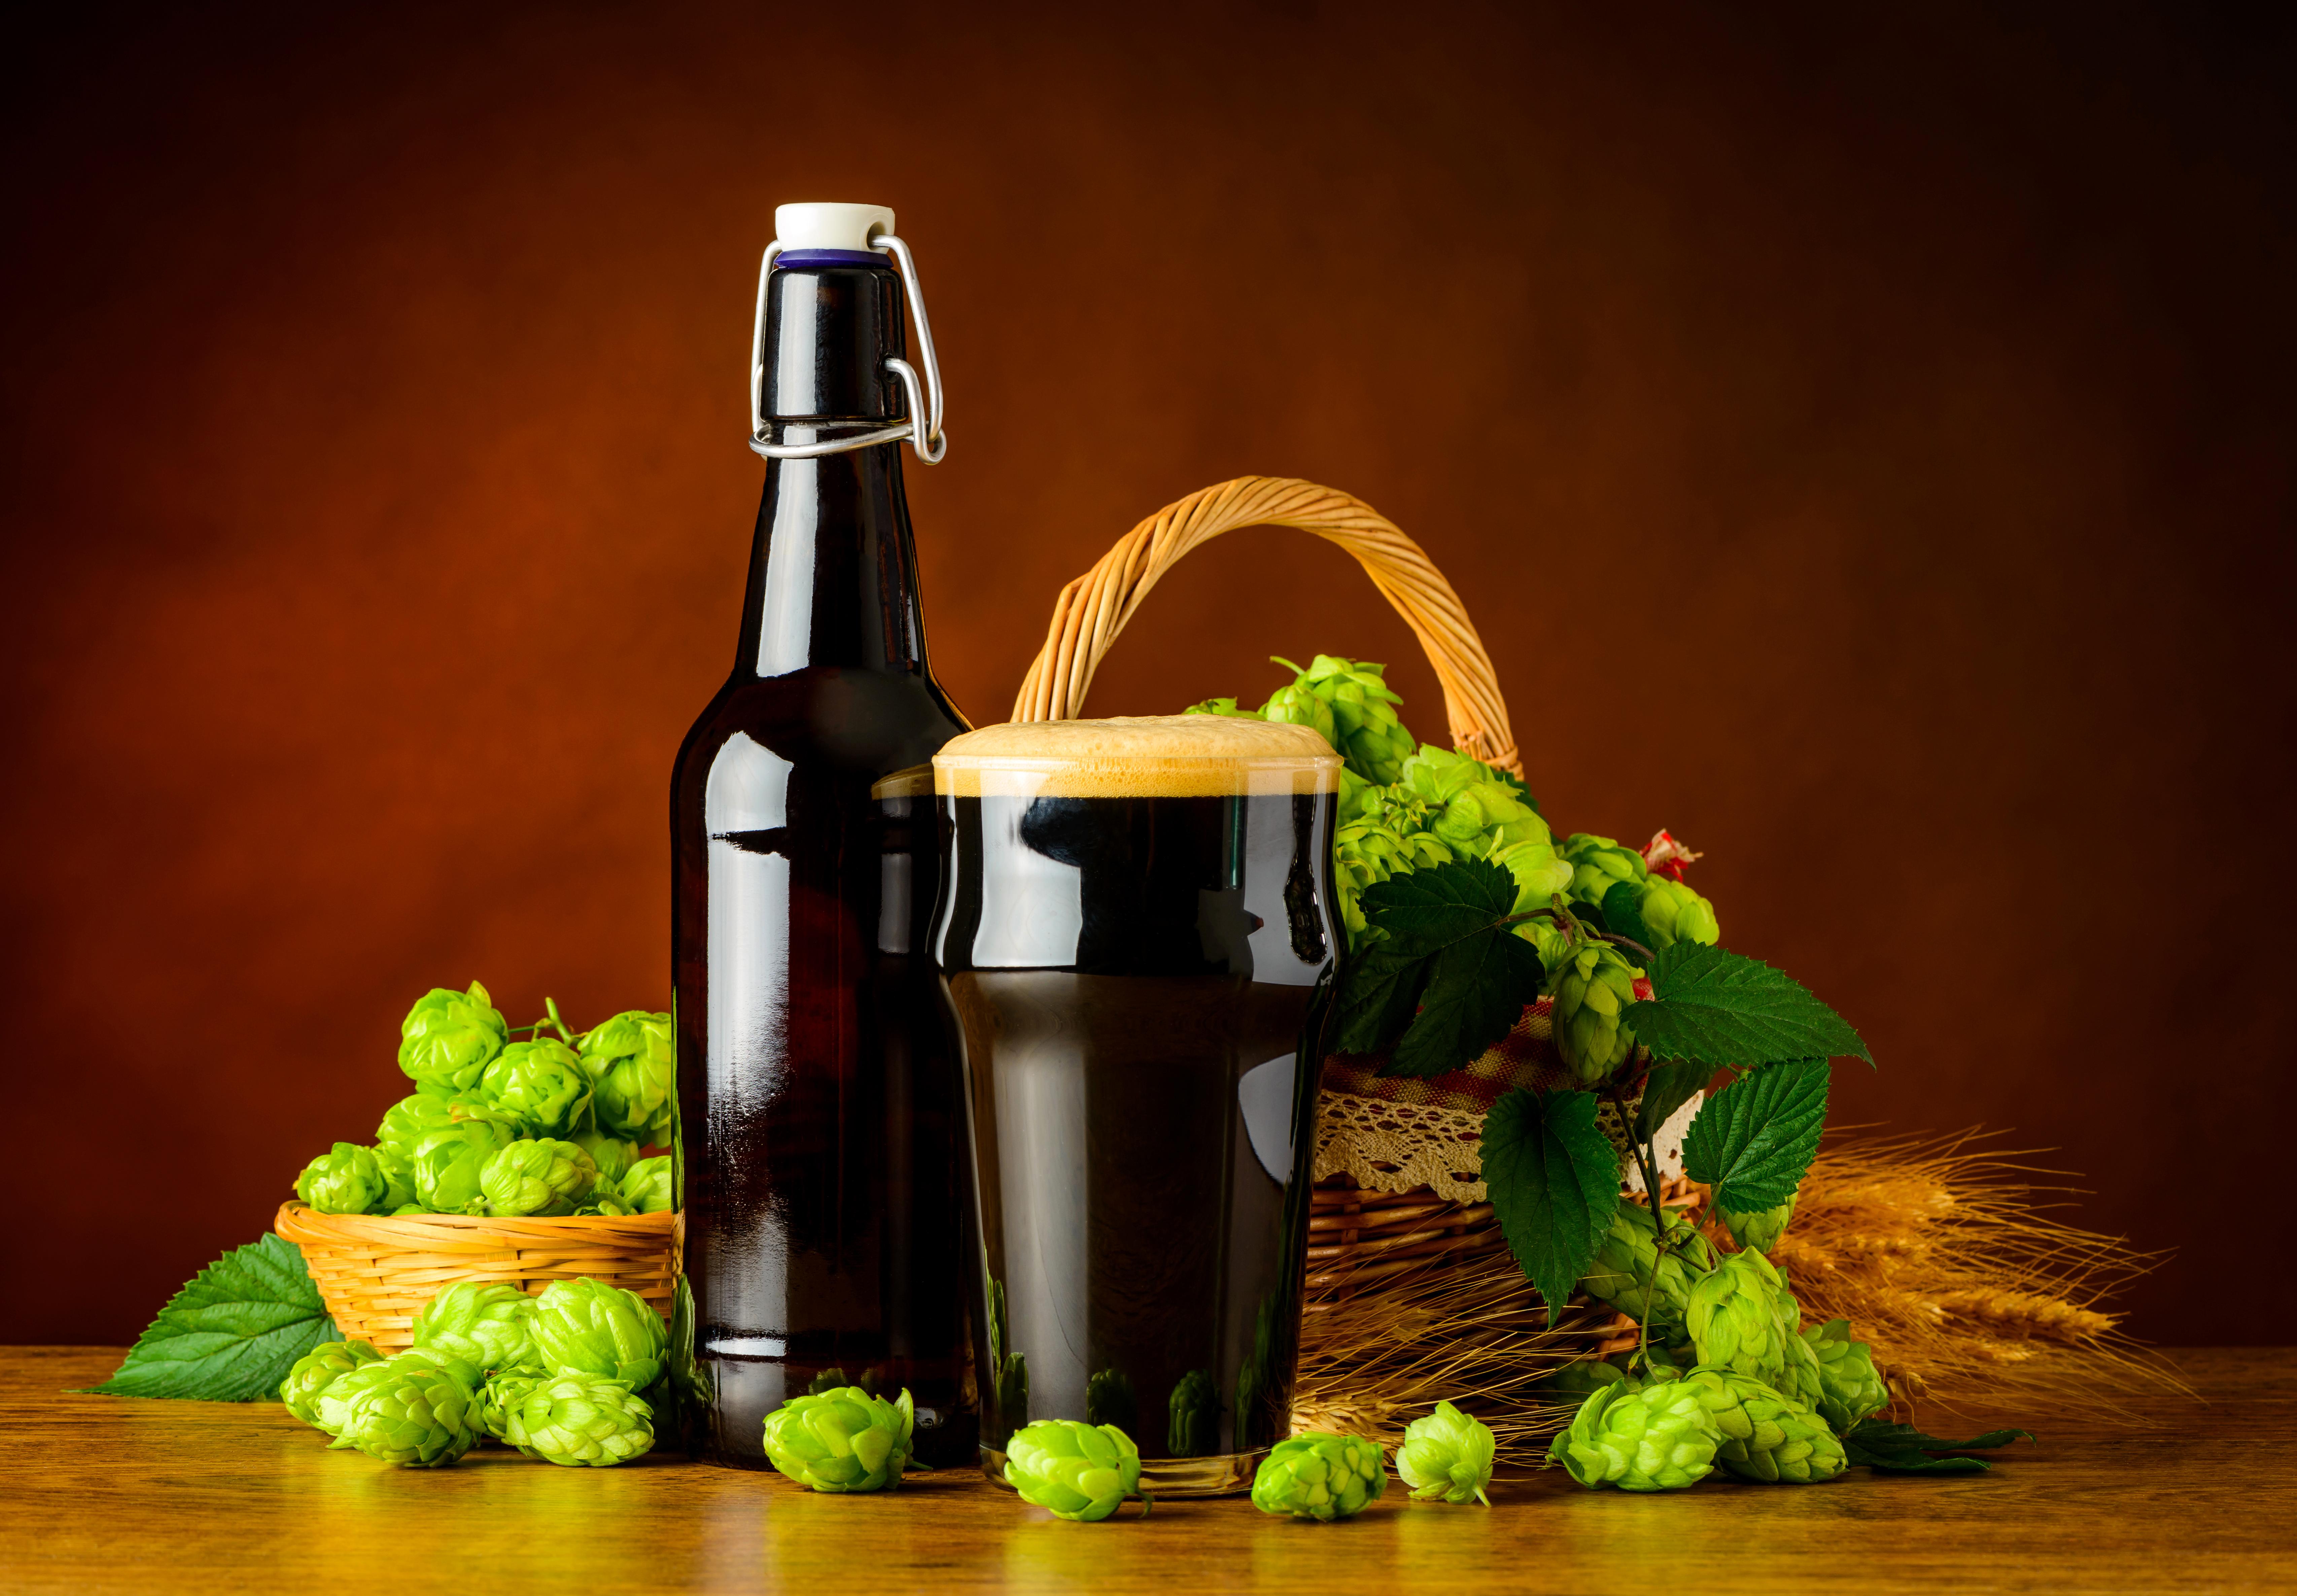 Картинки Пиво Хмель Стакан Пища Пена Бутылка стакана стакане Еда пене пеной бутылки Продукты питания